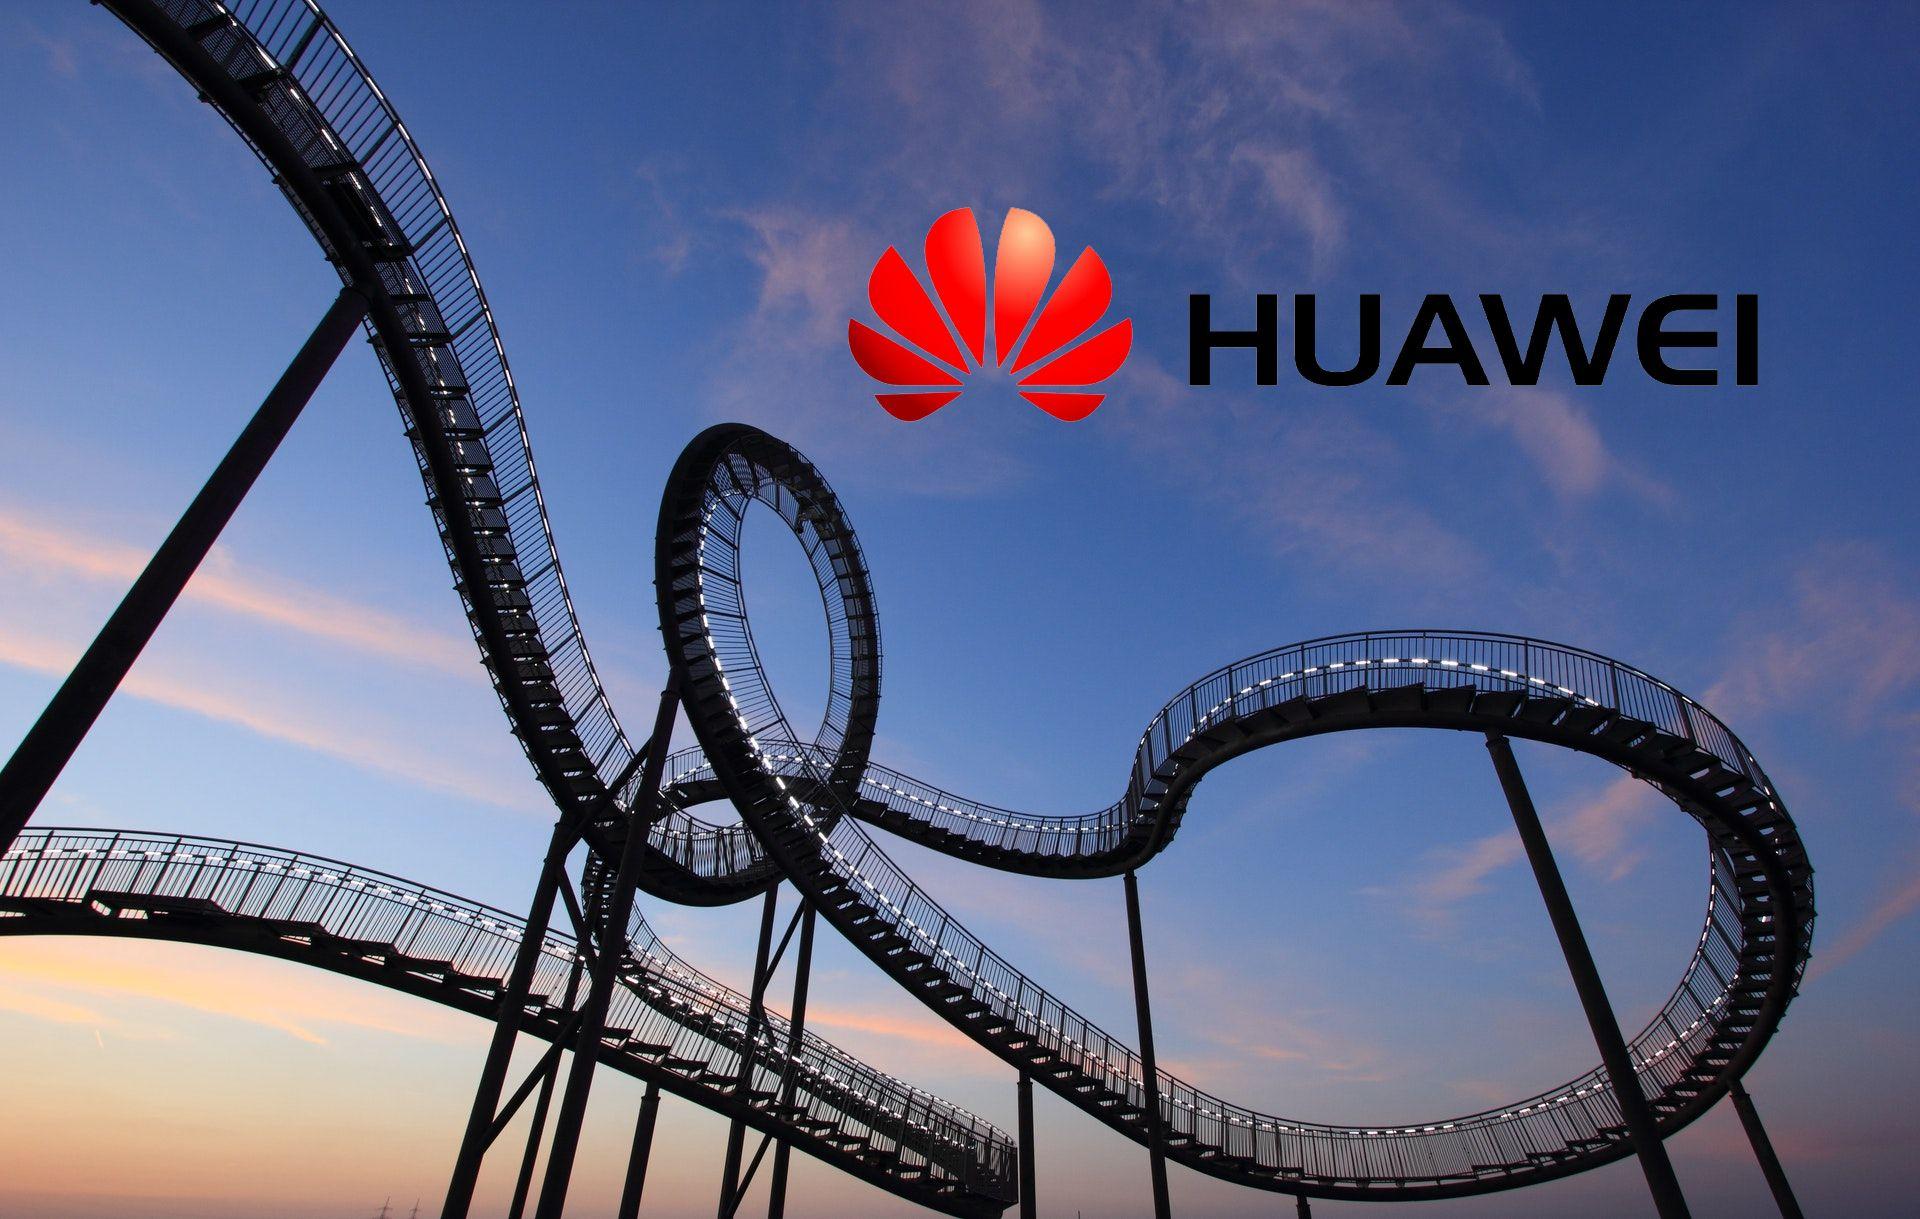 rollercoaster kolejka górska Huawei logo